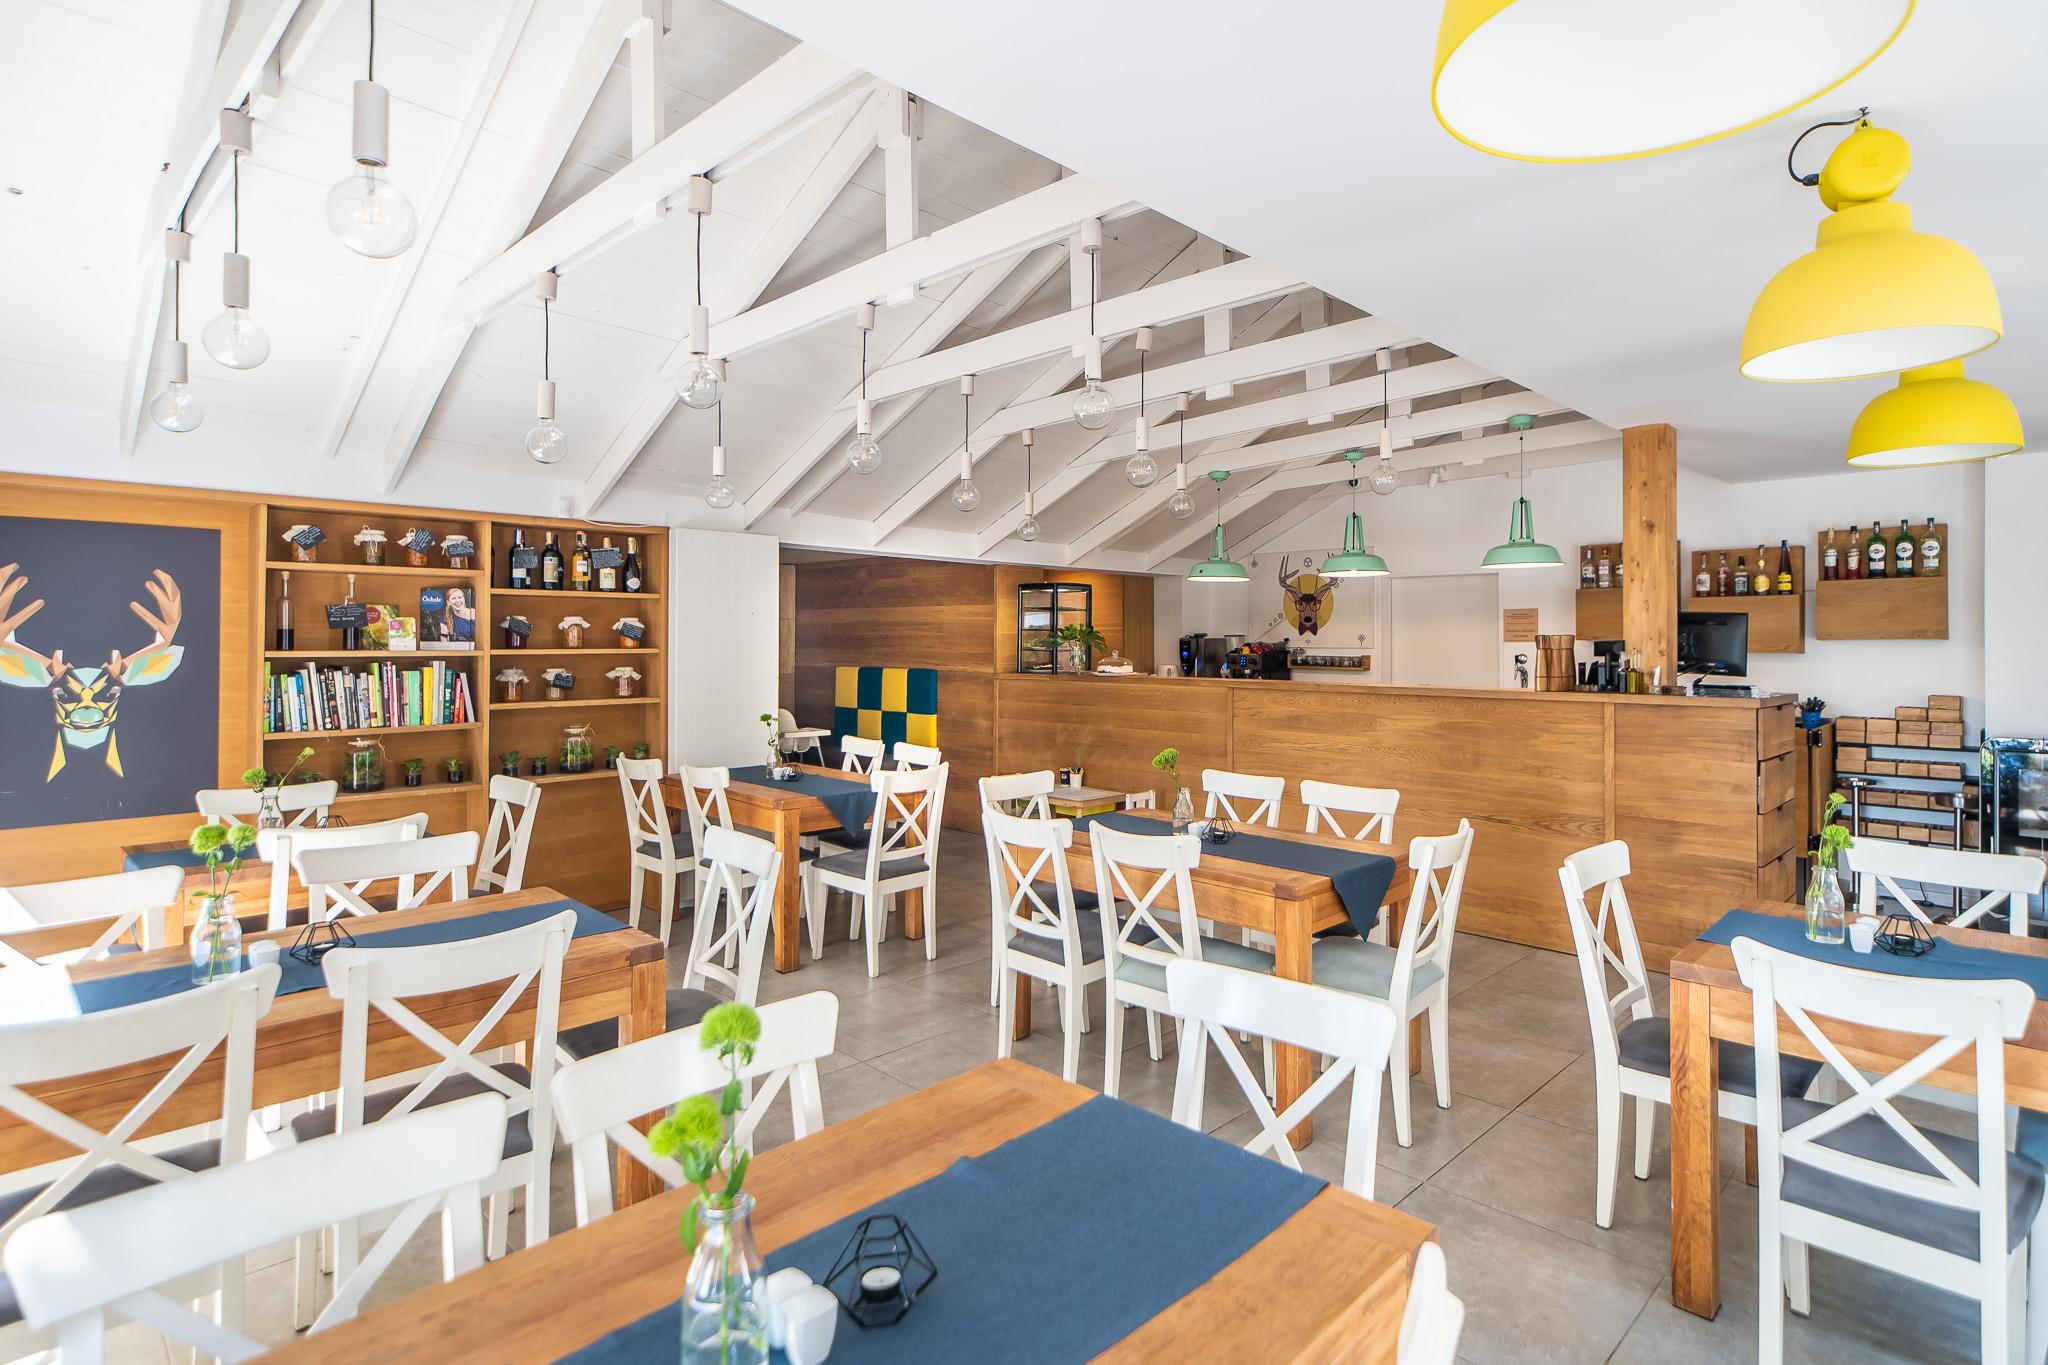 Wichłacz Grillhouse Restauracja Kołobrzeg